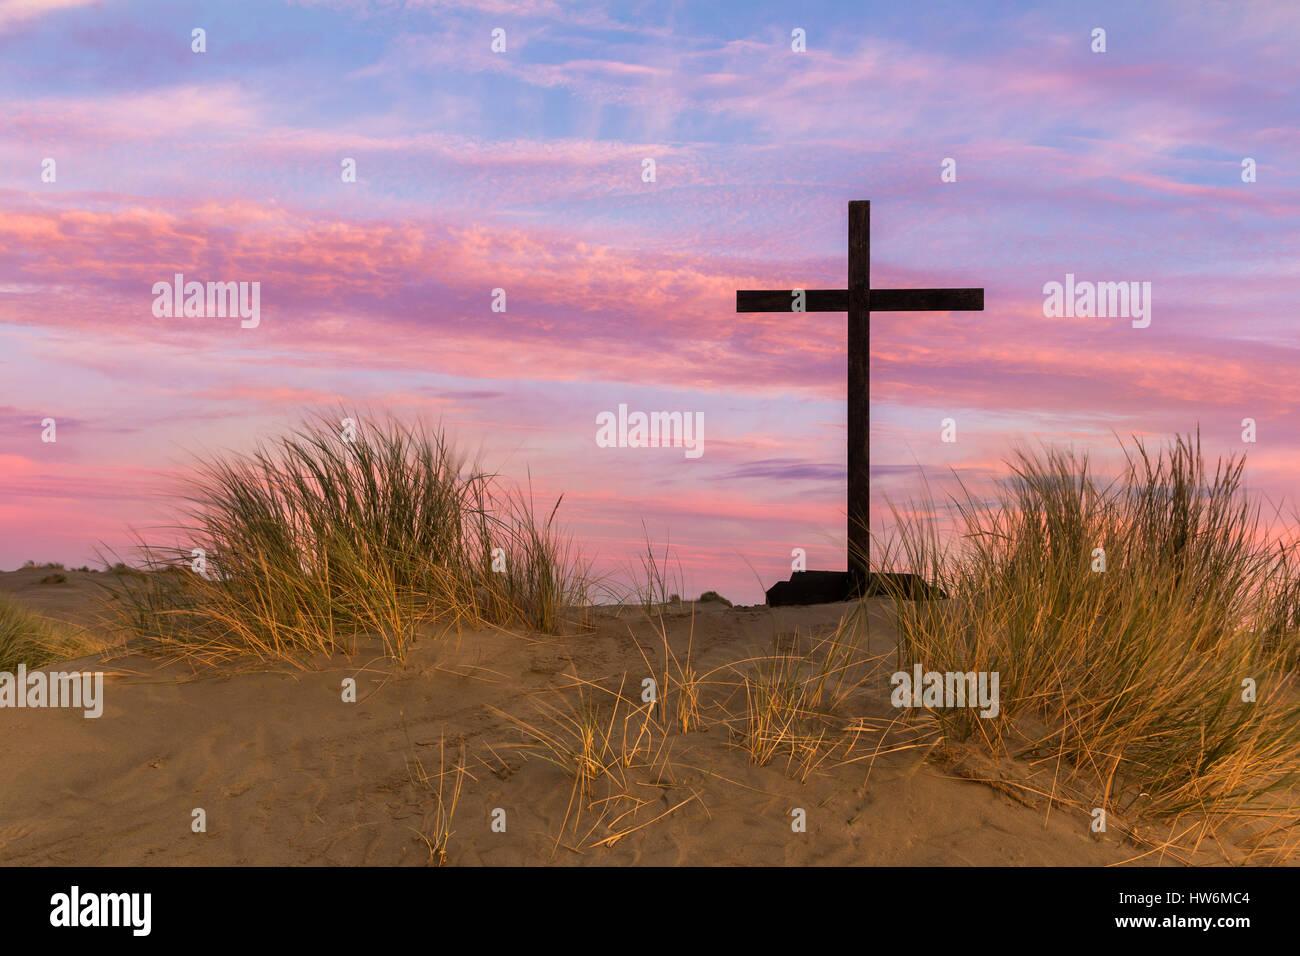 Black Jesus Cross On Colorful Stock Photos & Black Jesus Cross On ...